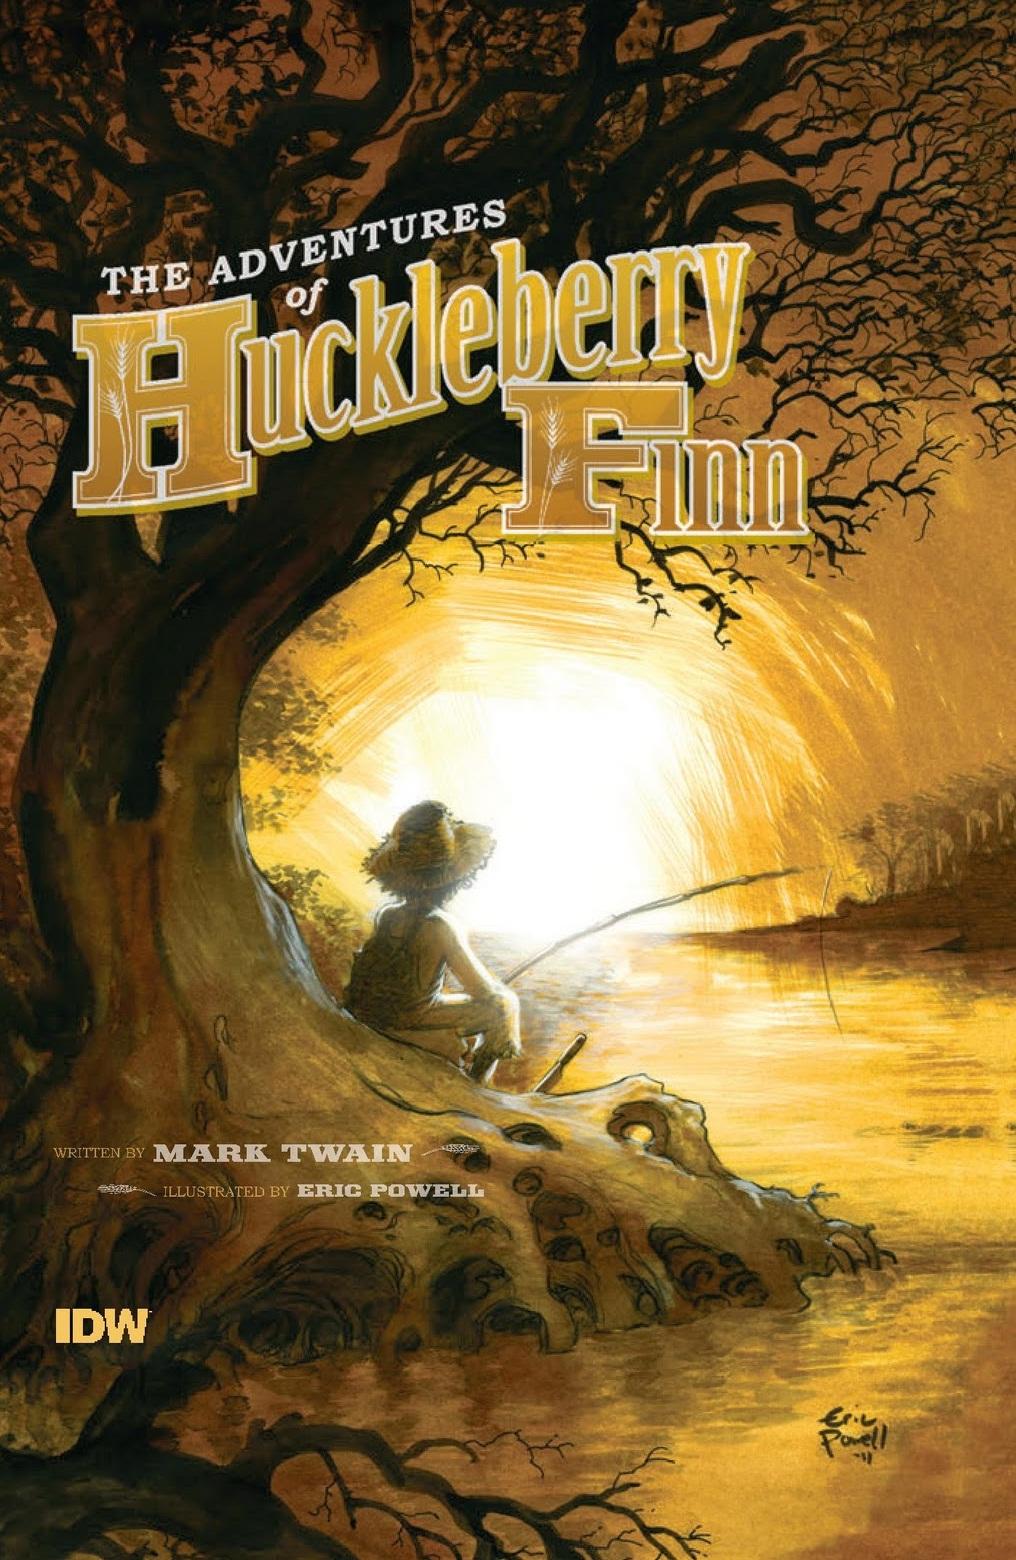 review of huckleberry finn